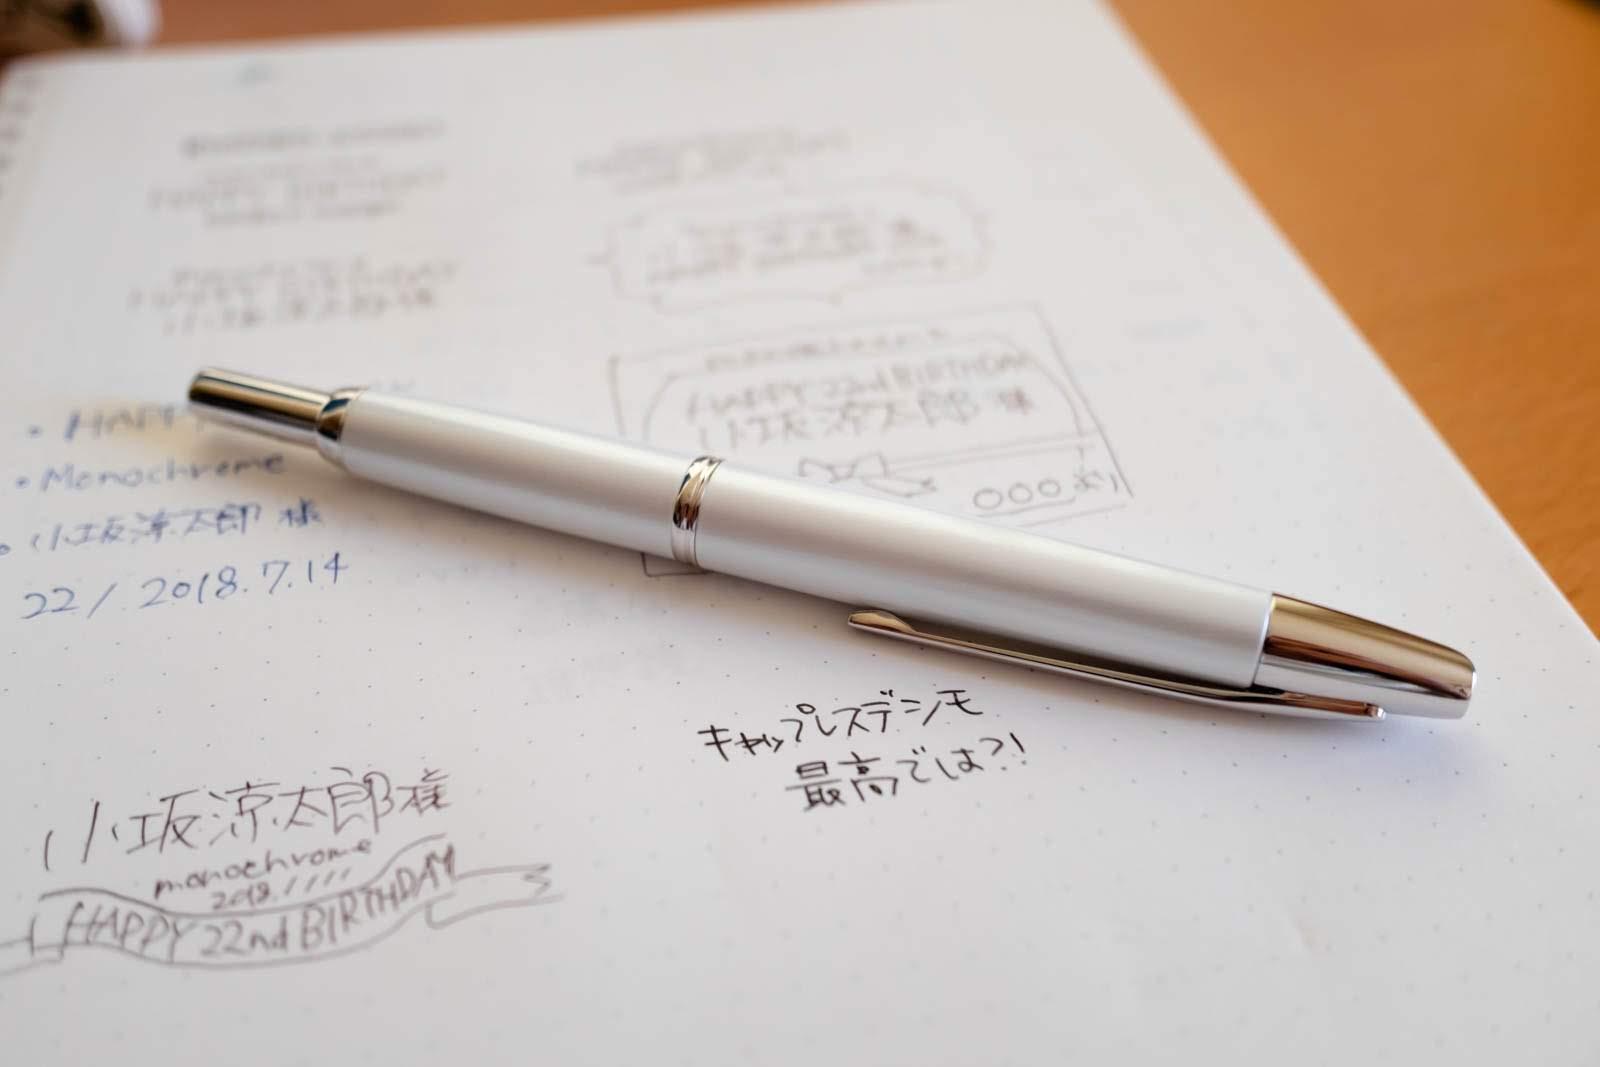 筆圧なくて困ってる人は万年筆使ってみて!という話